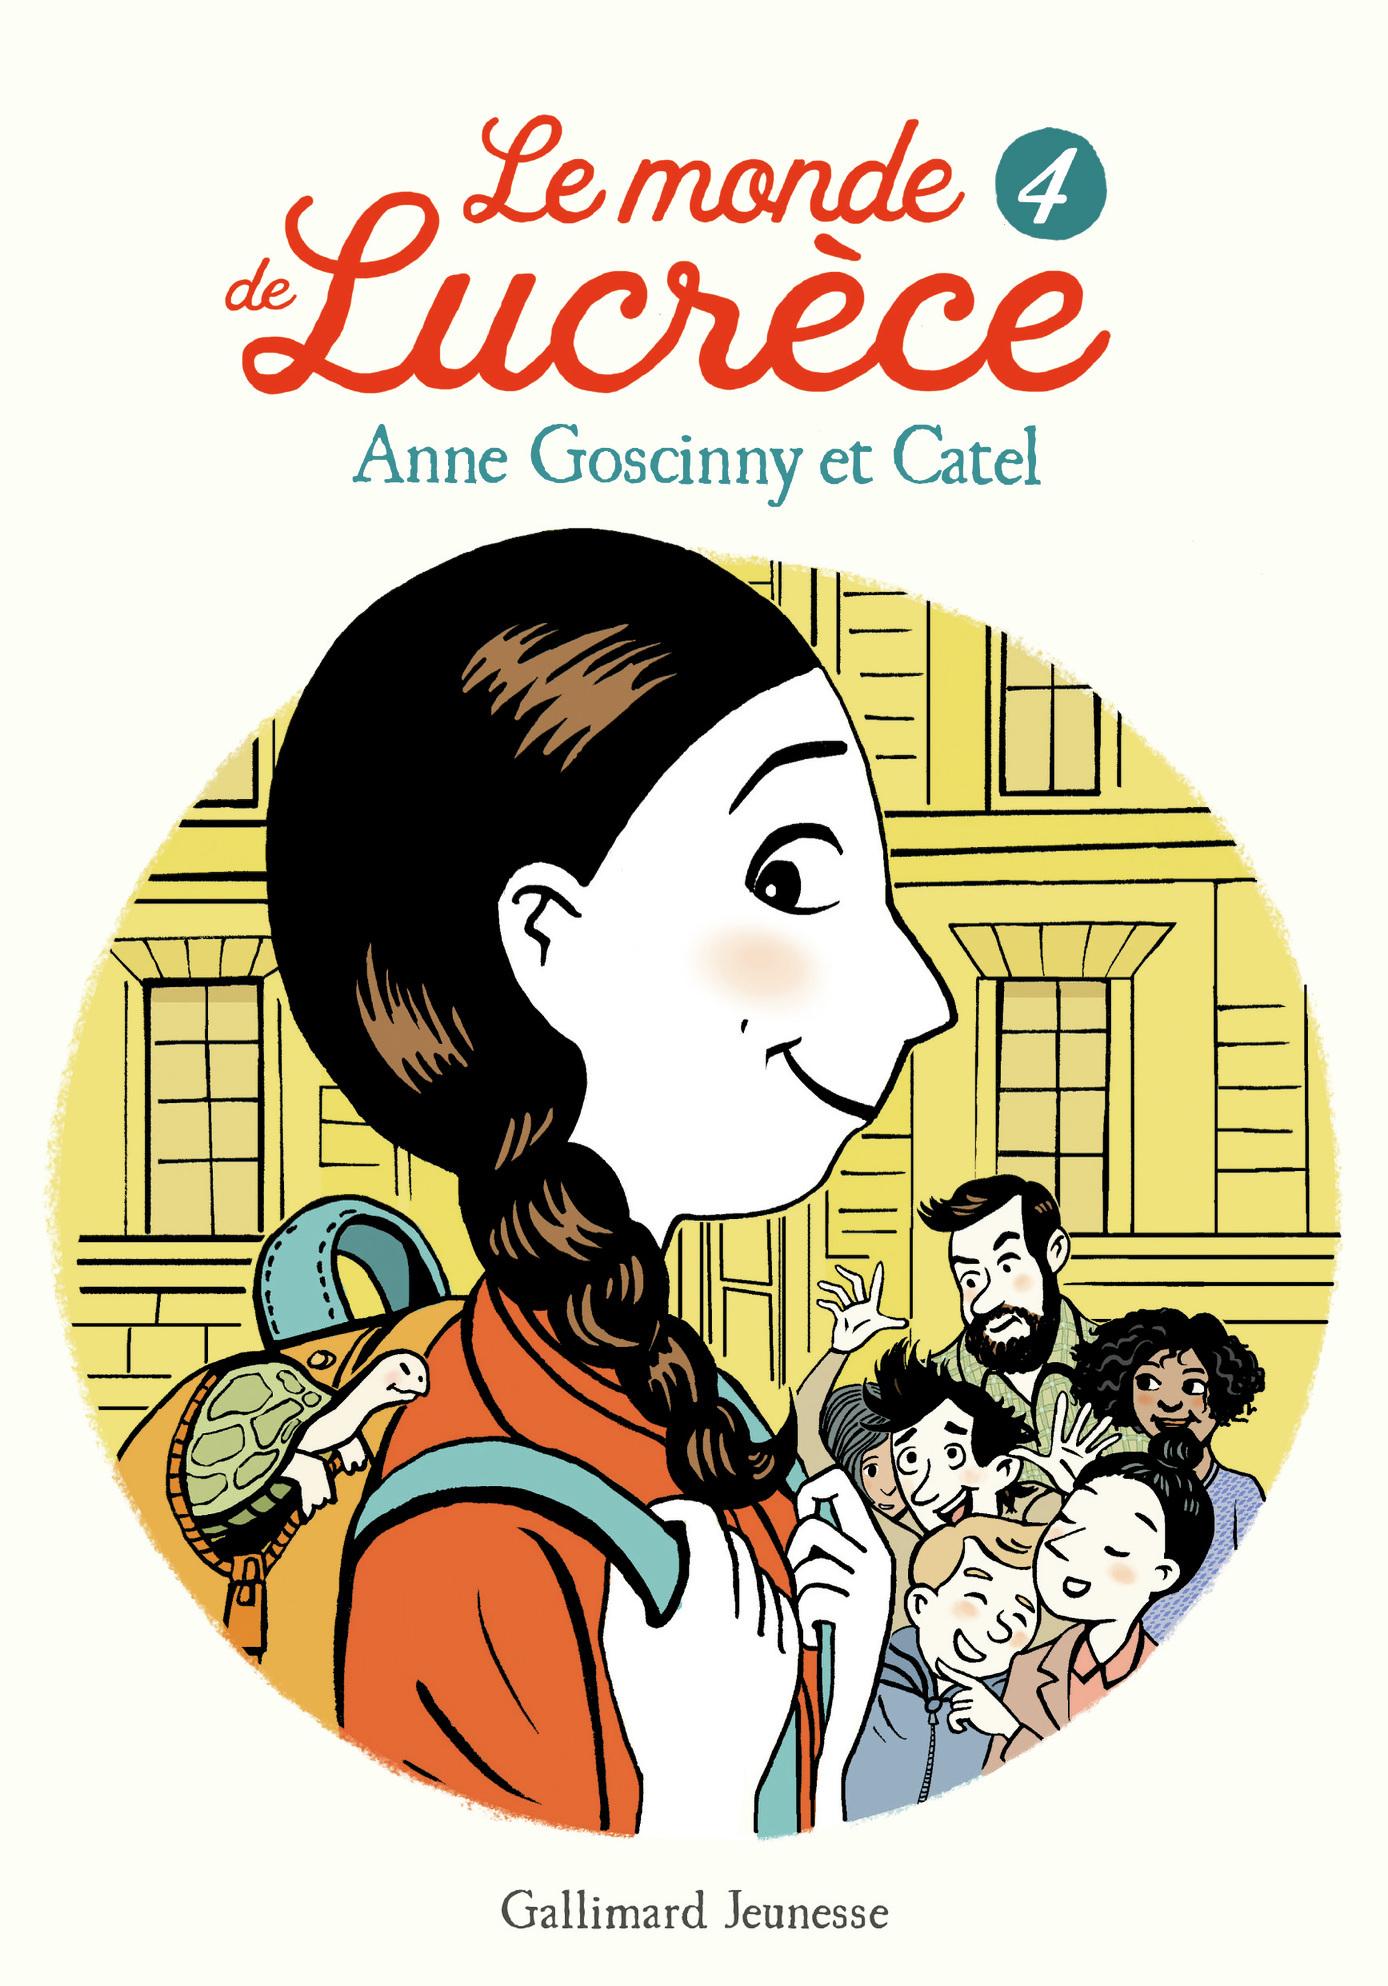 LE MONDE DE LUCRECE, 4